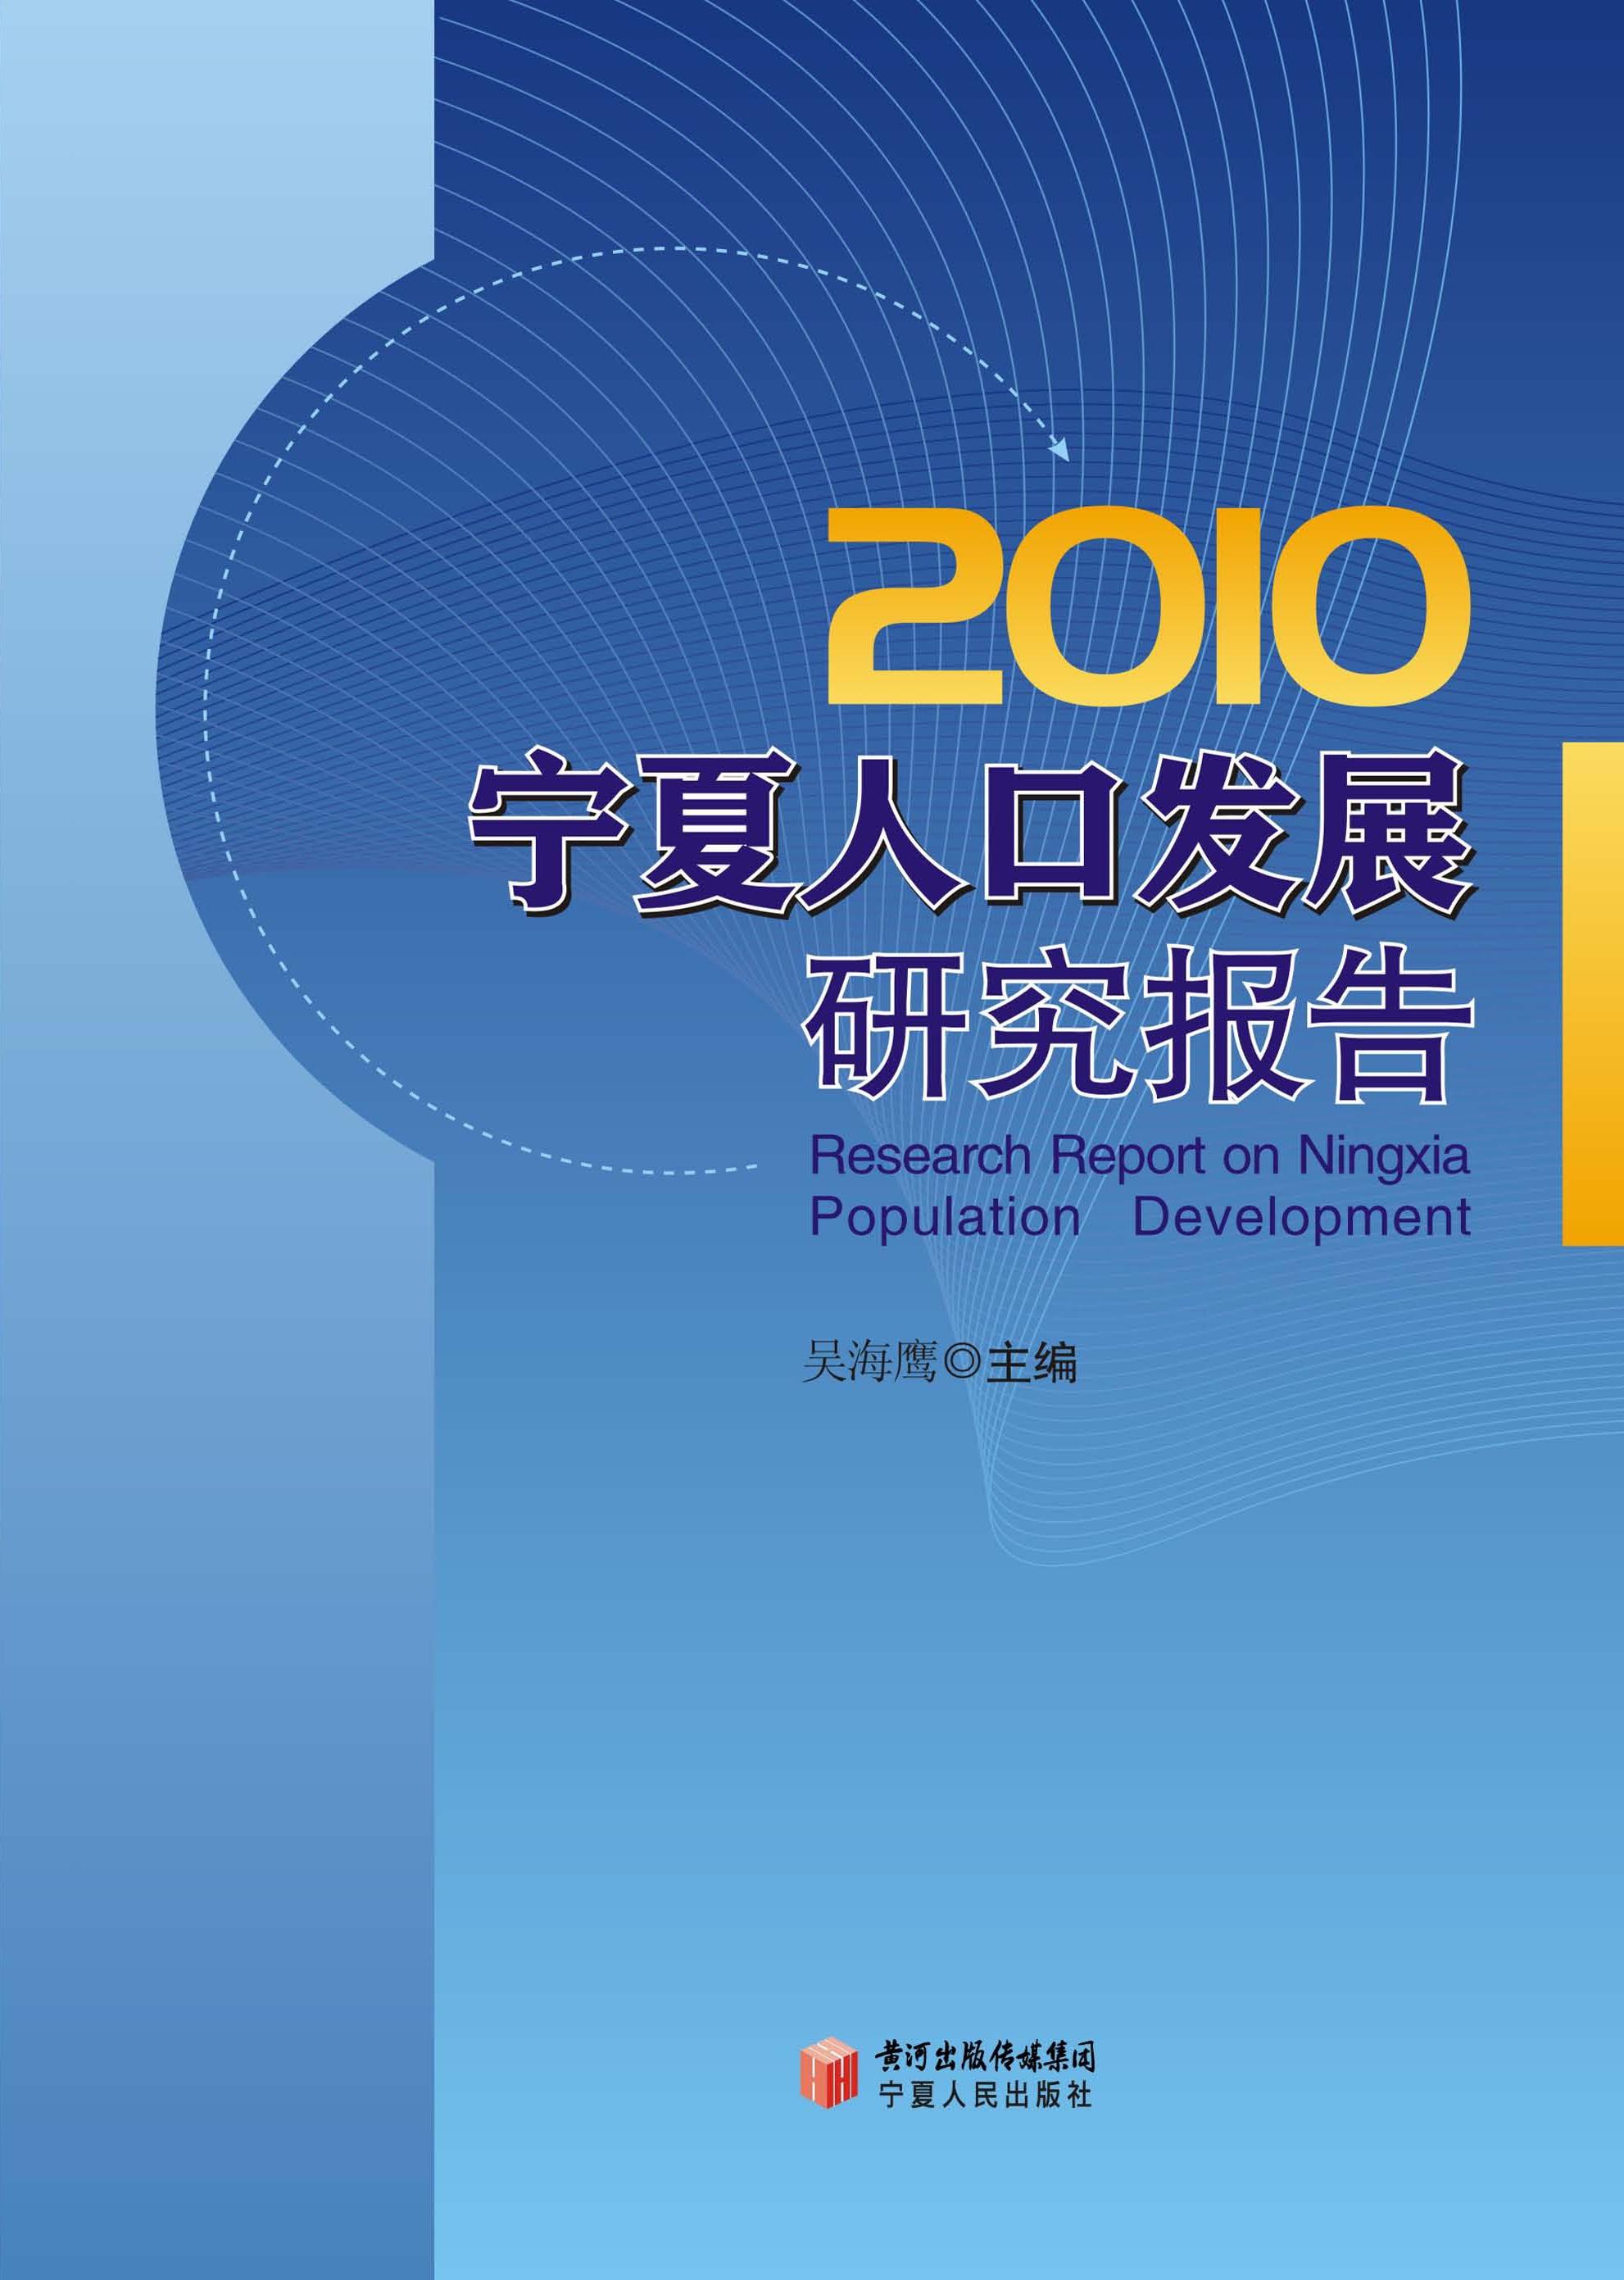 宁夏人口发展研究报告(2010)